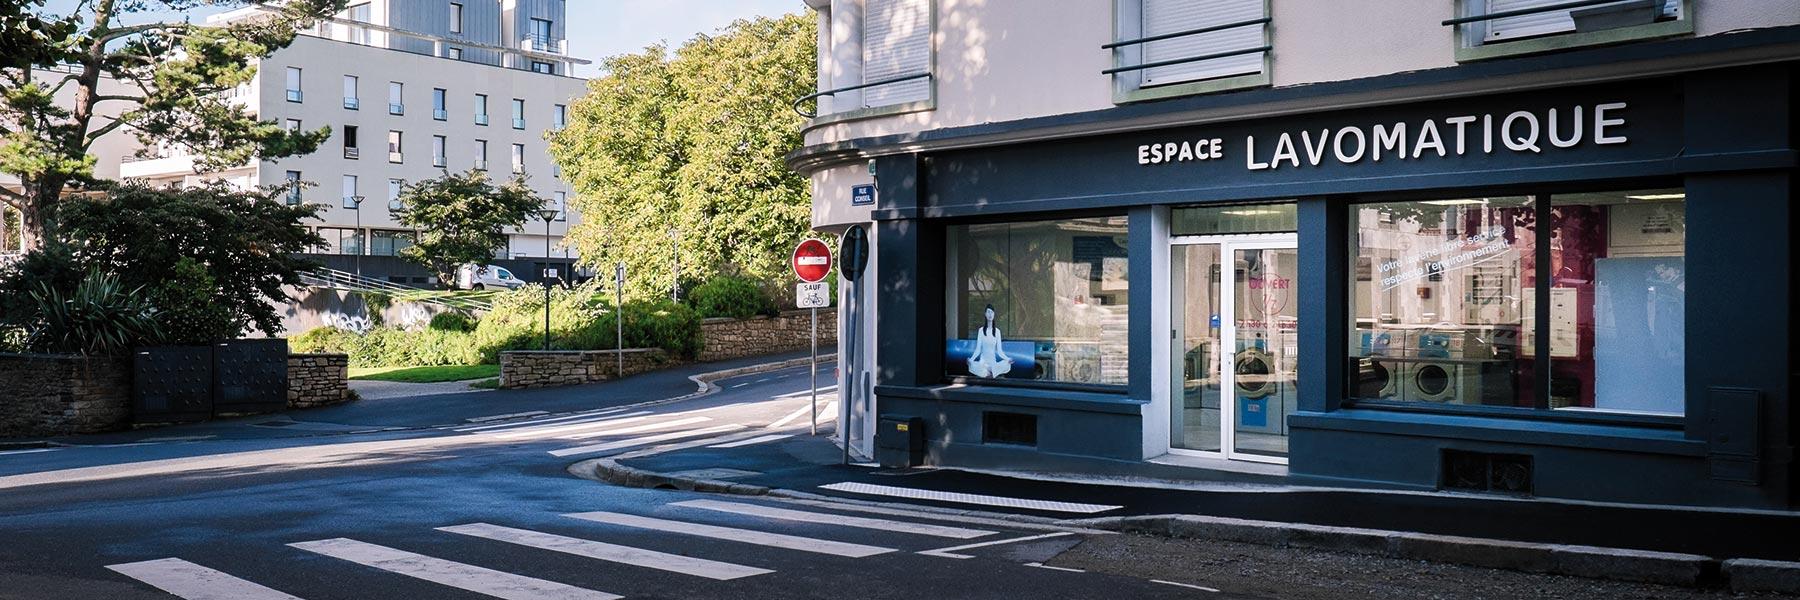 Vos laveries à Brest, Guipavas, Guilers et Landerneau